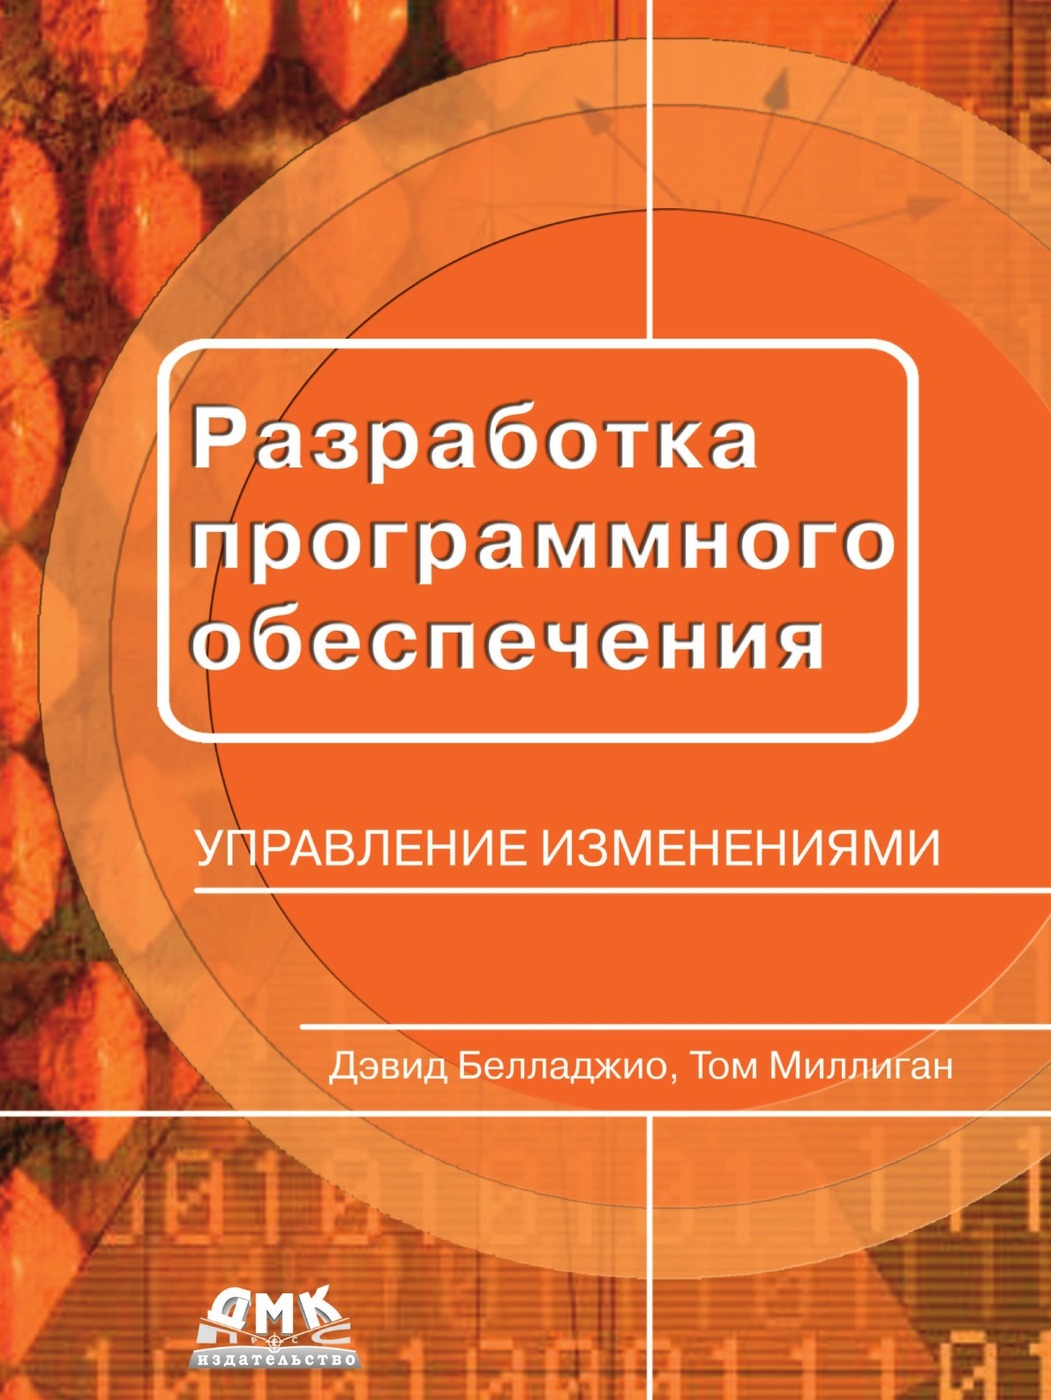 Д. Белладжио, Т. Миллиган Разработка программного обеспечения. Управление изменениями цена